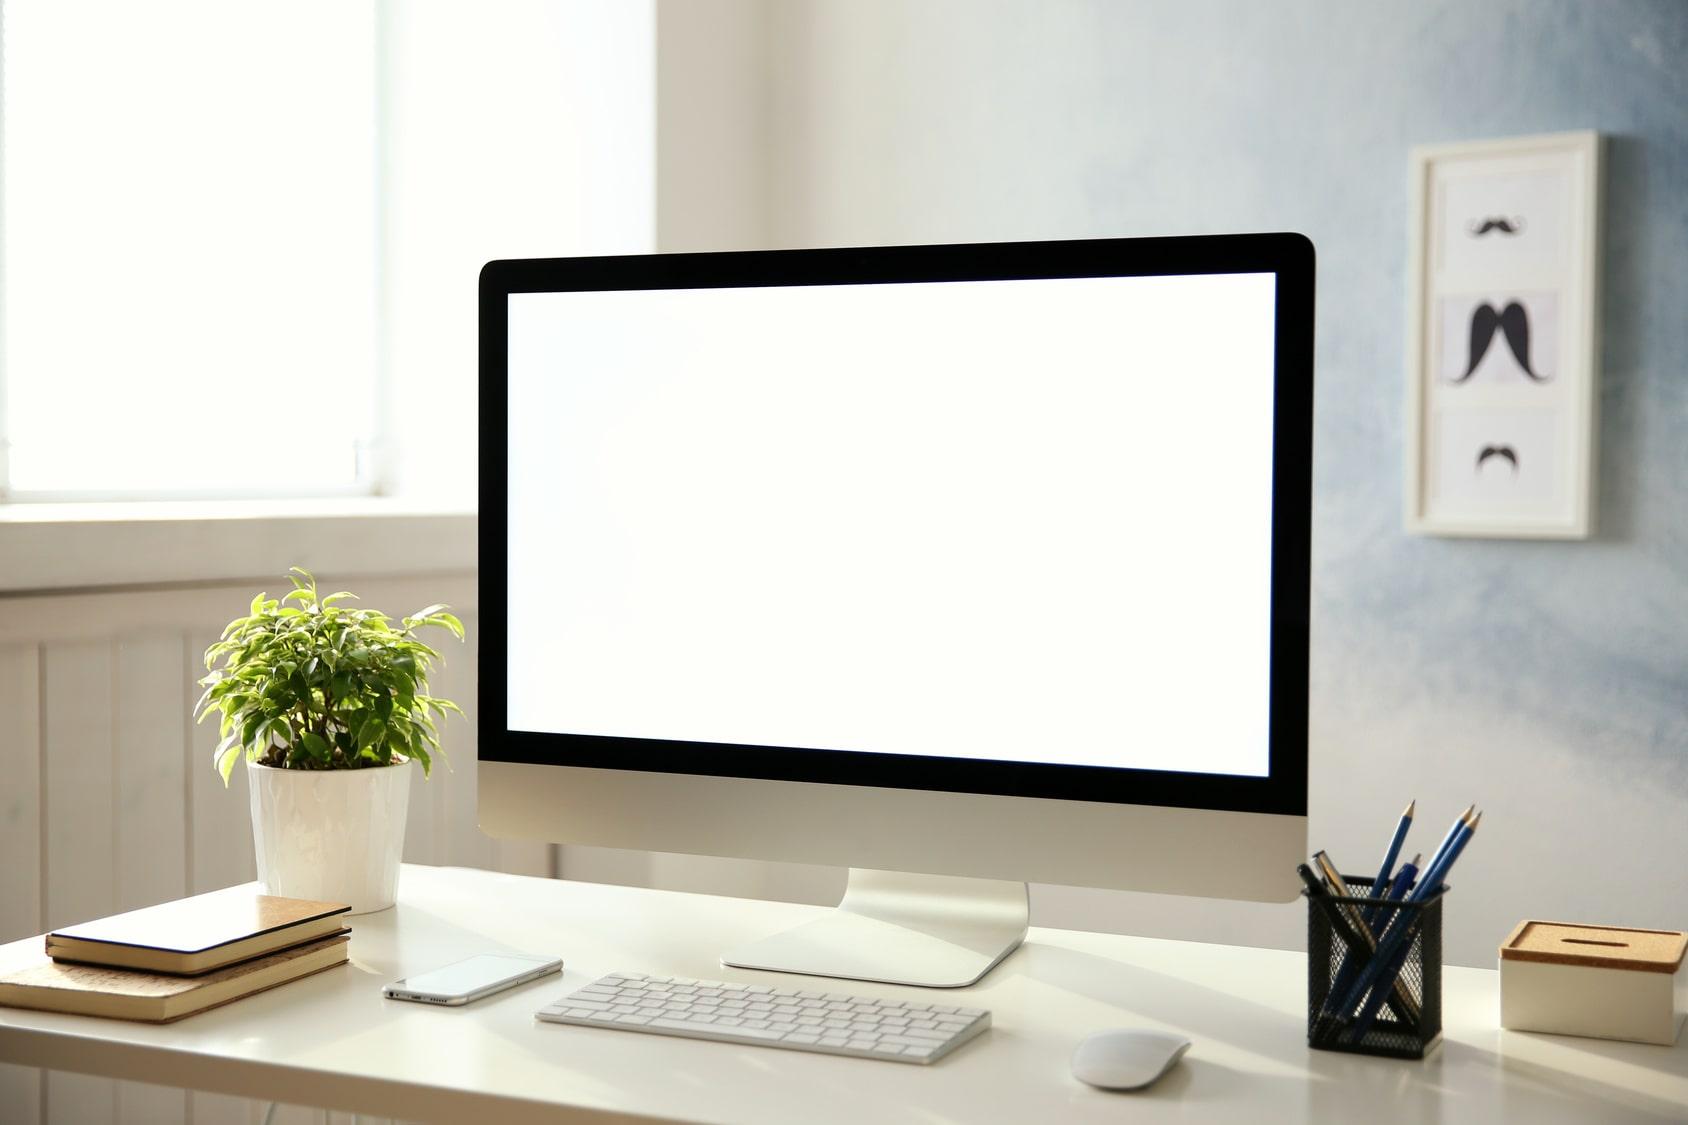 Scrivania Ufficio Organizzata : Come organizzare la scrivania organizzarecasa